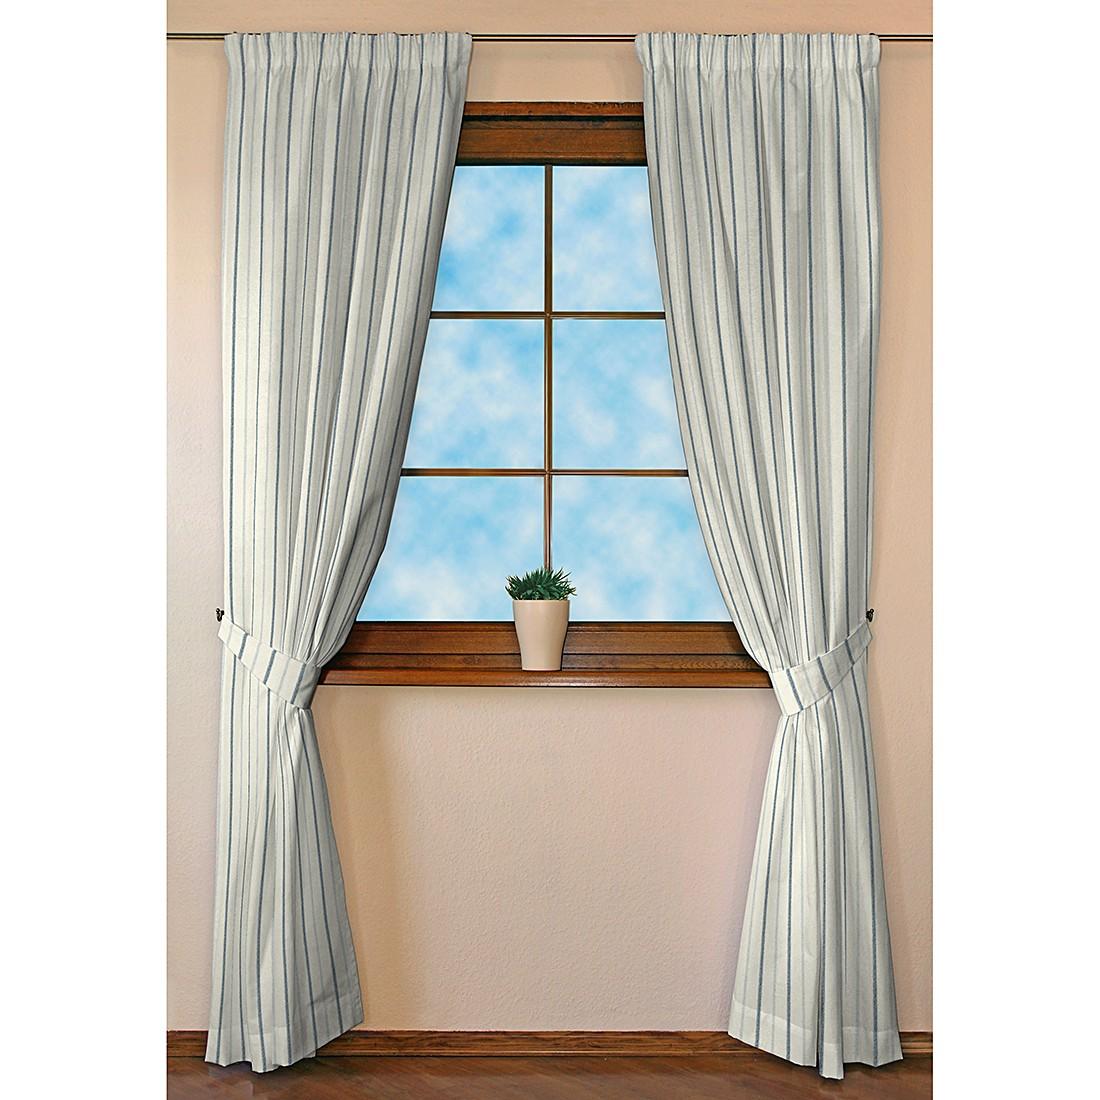 vorhnge streifen design gwell streifen farbverlauf gardinen senschal mit sen fr wohnzimmer. Black Bedroom Furniture Sets. Home Design Ideas